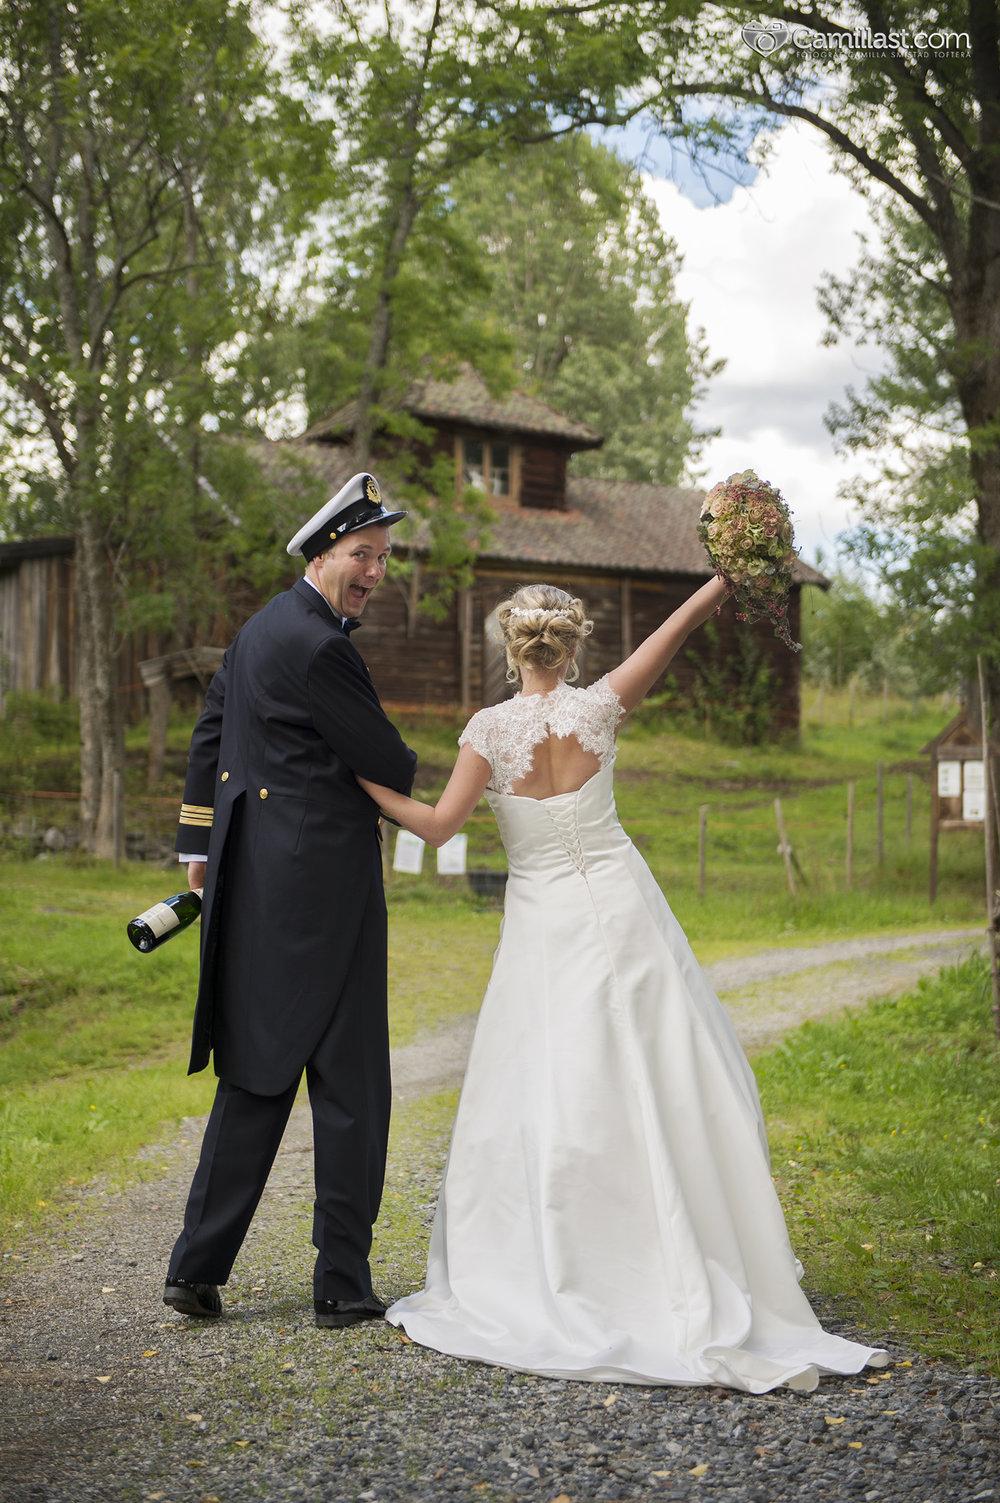 Fotograf_Camillast_20150801_ElinHenning bryllup209 copy.jpg